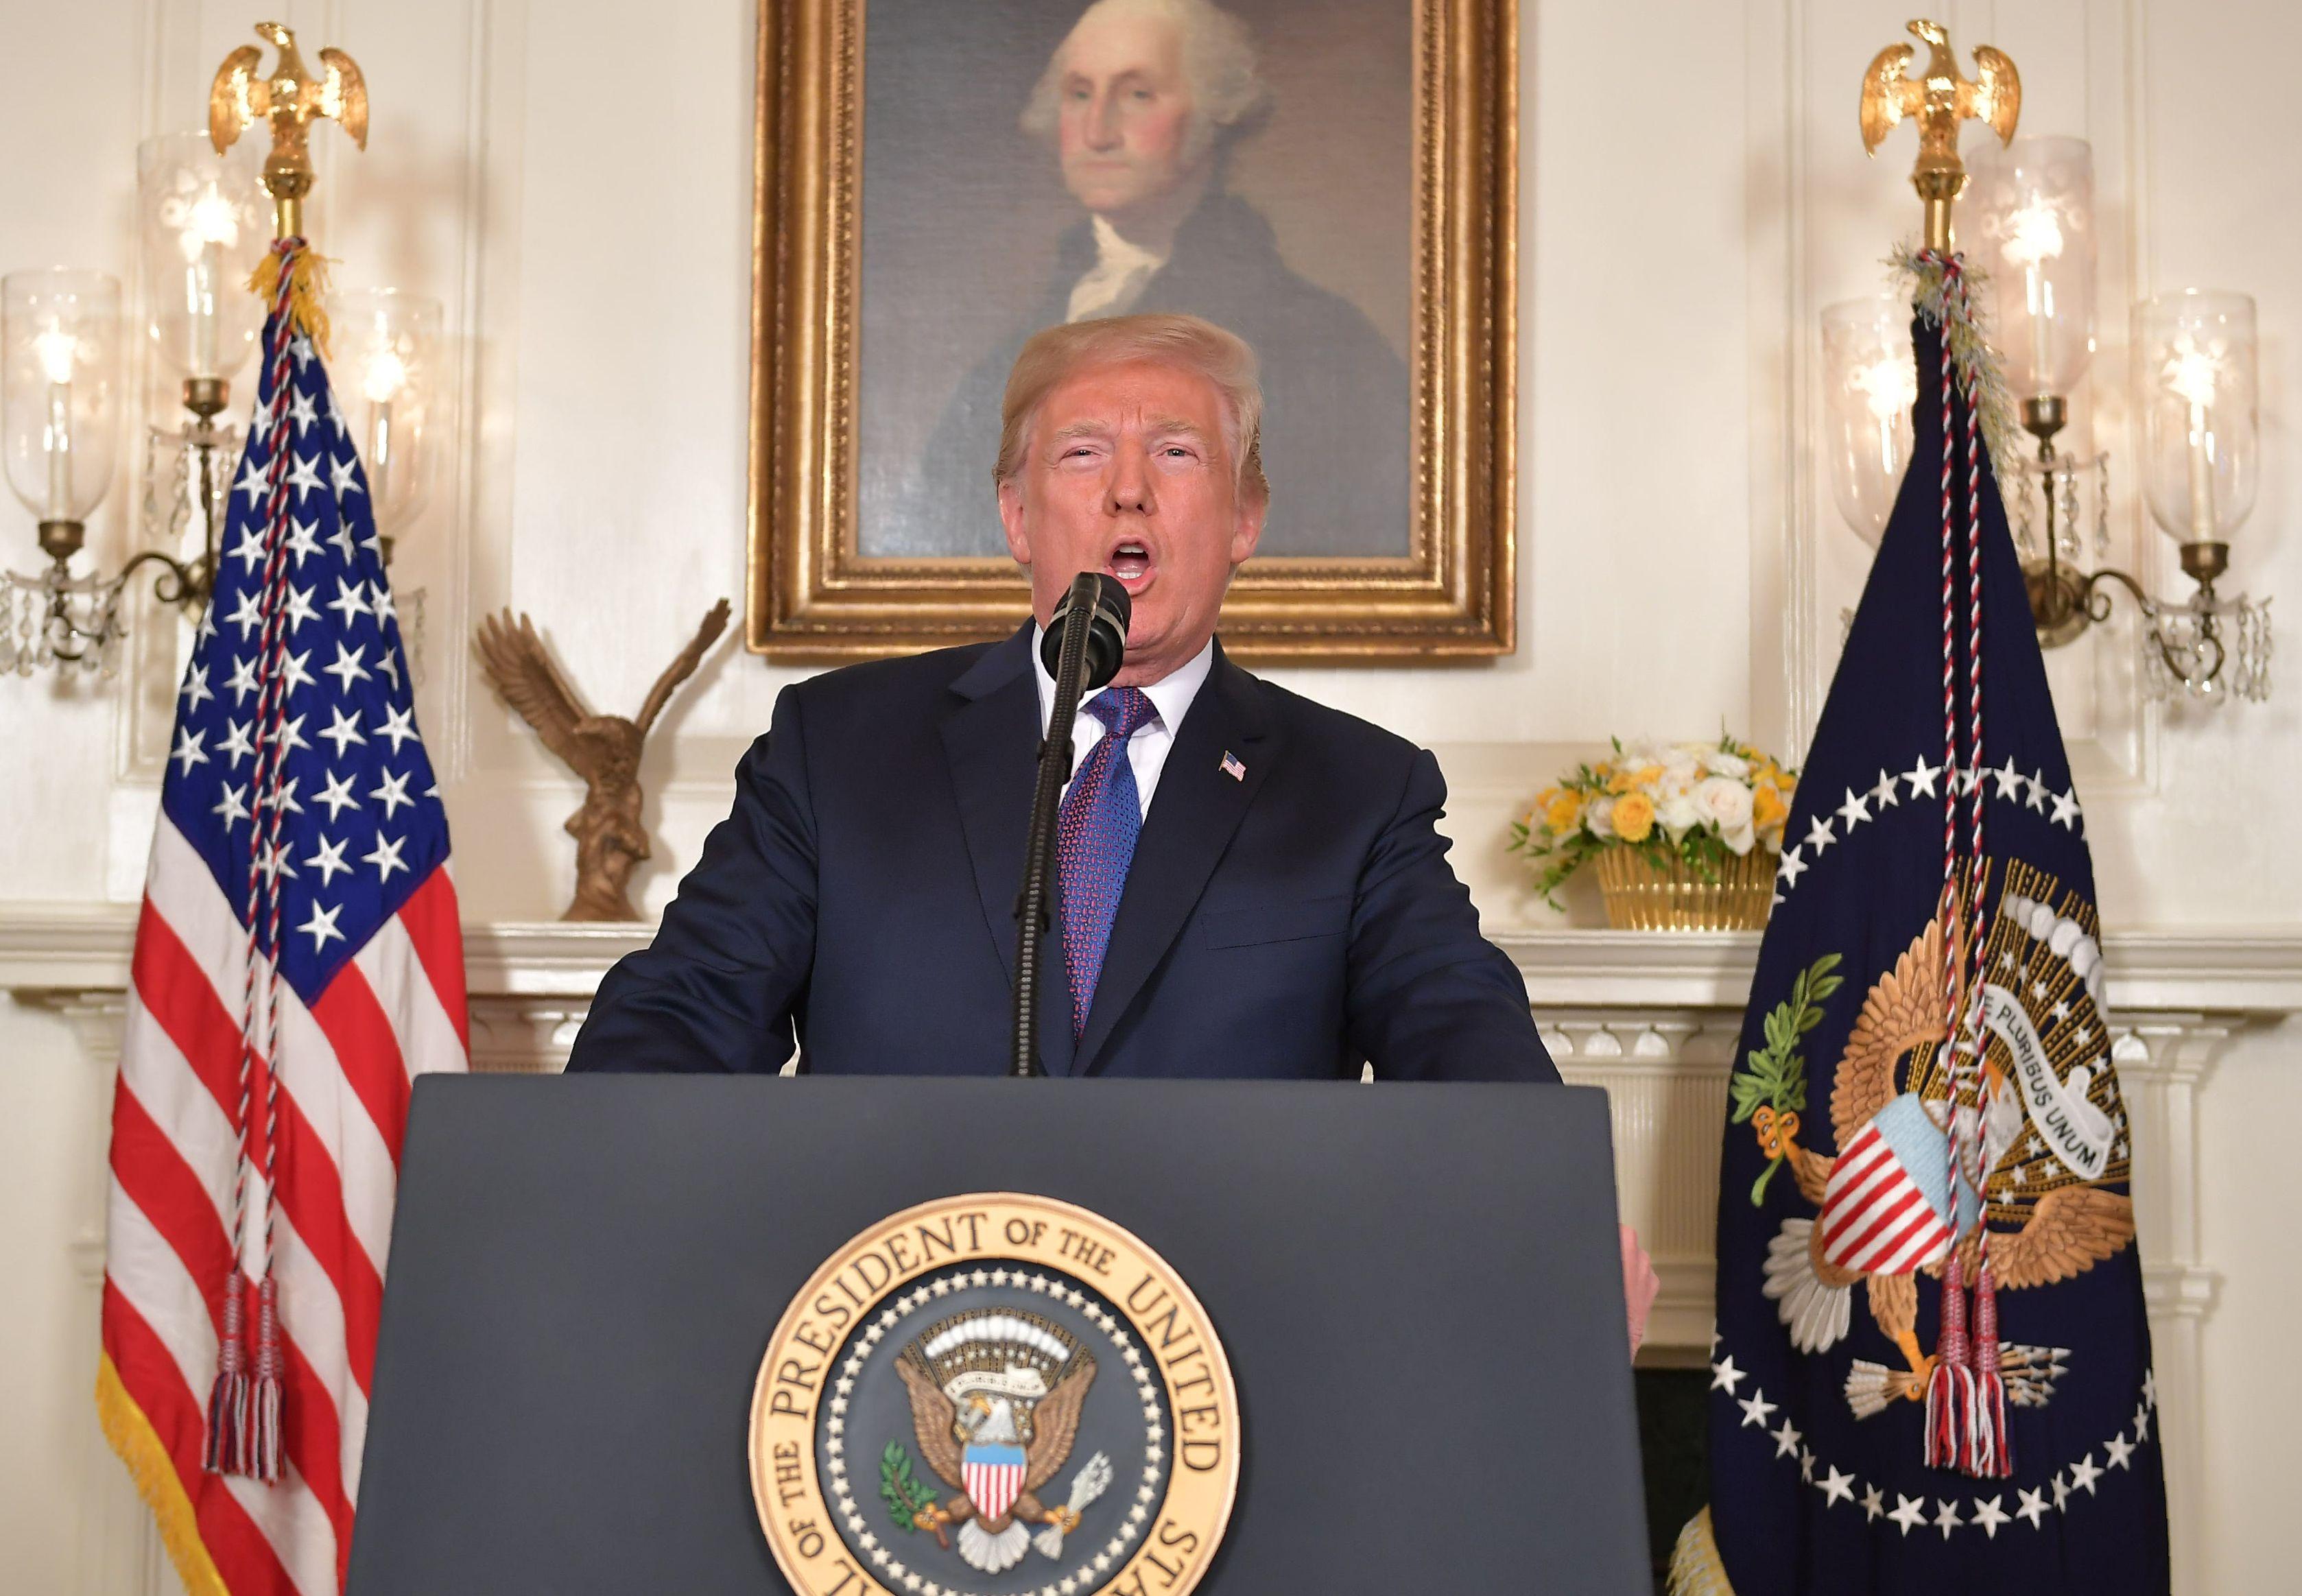 ترامب يأمر بتوجيه ضربات موجهه ضد سوريا